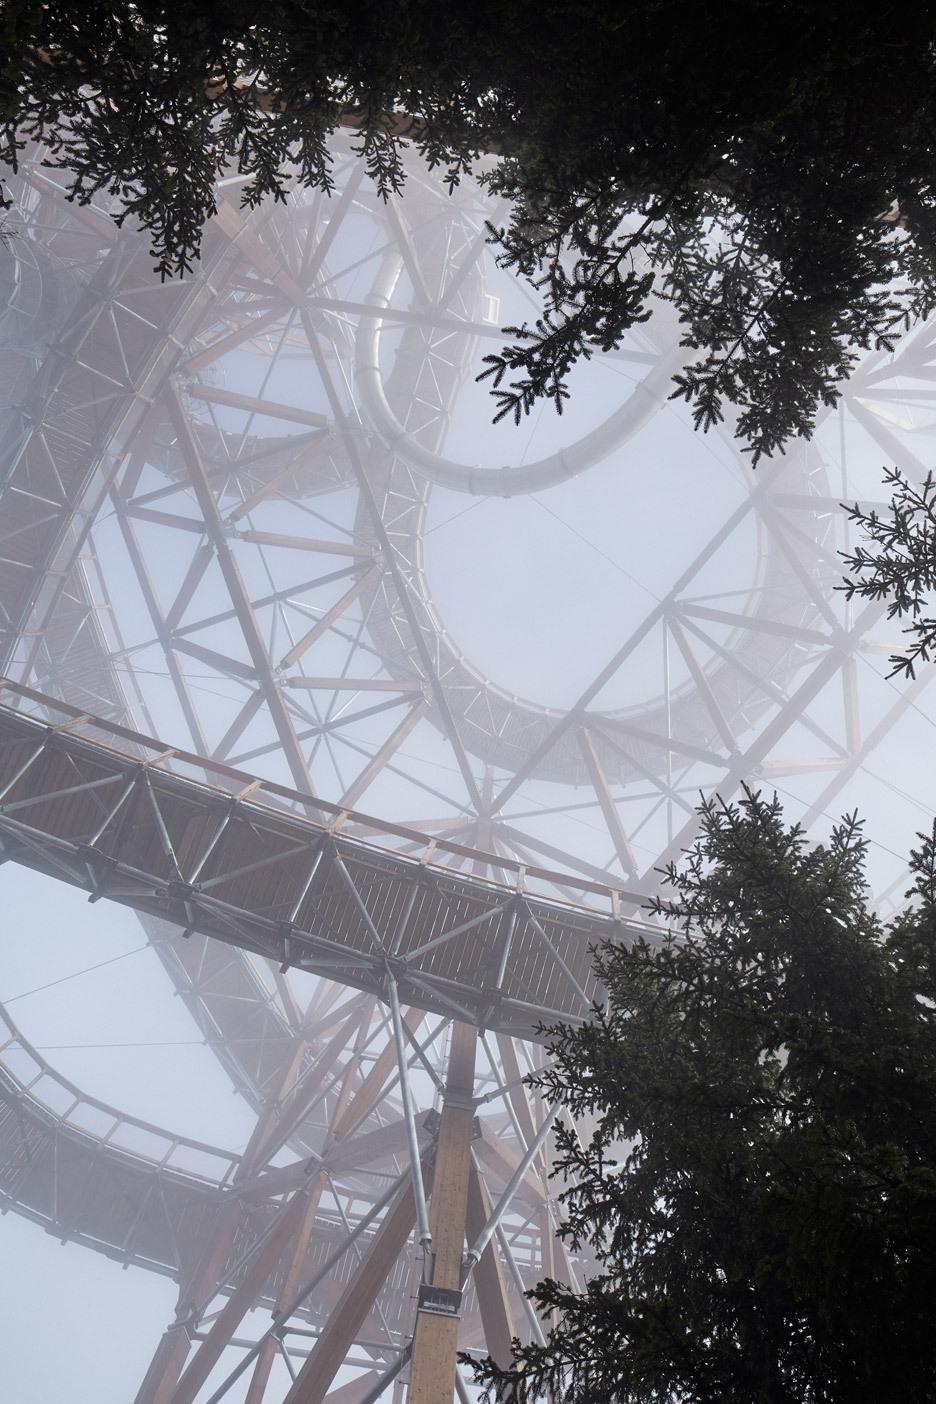 Фото жопа метр на метр гигантская фото 209-883